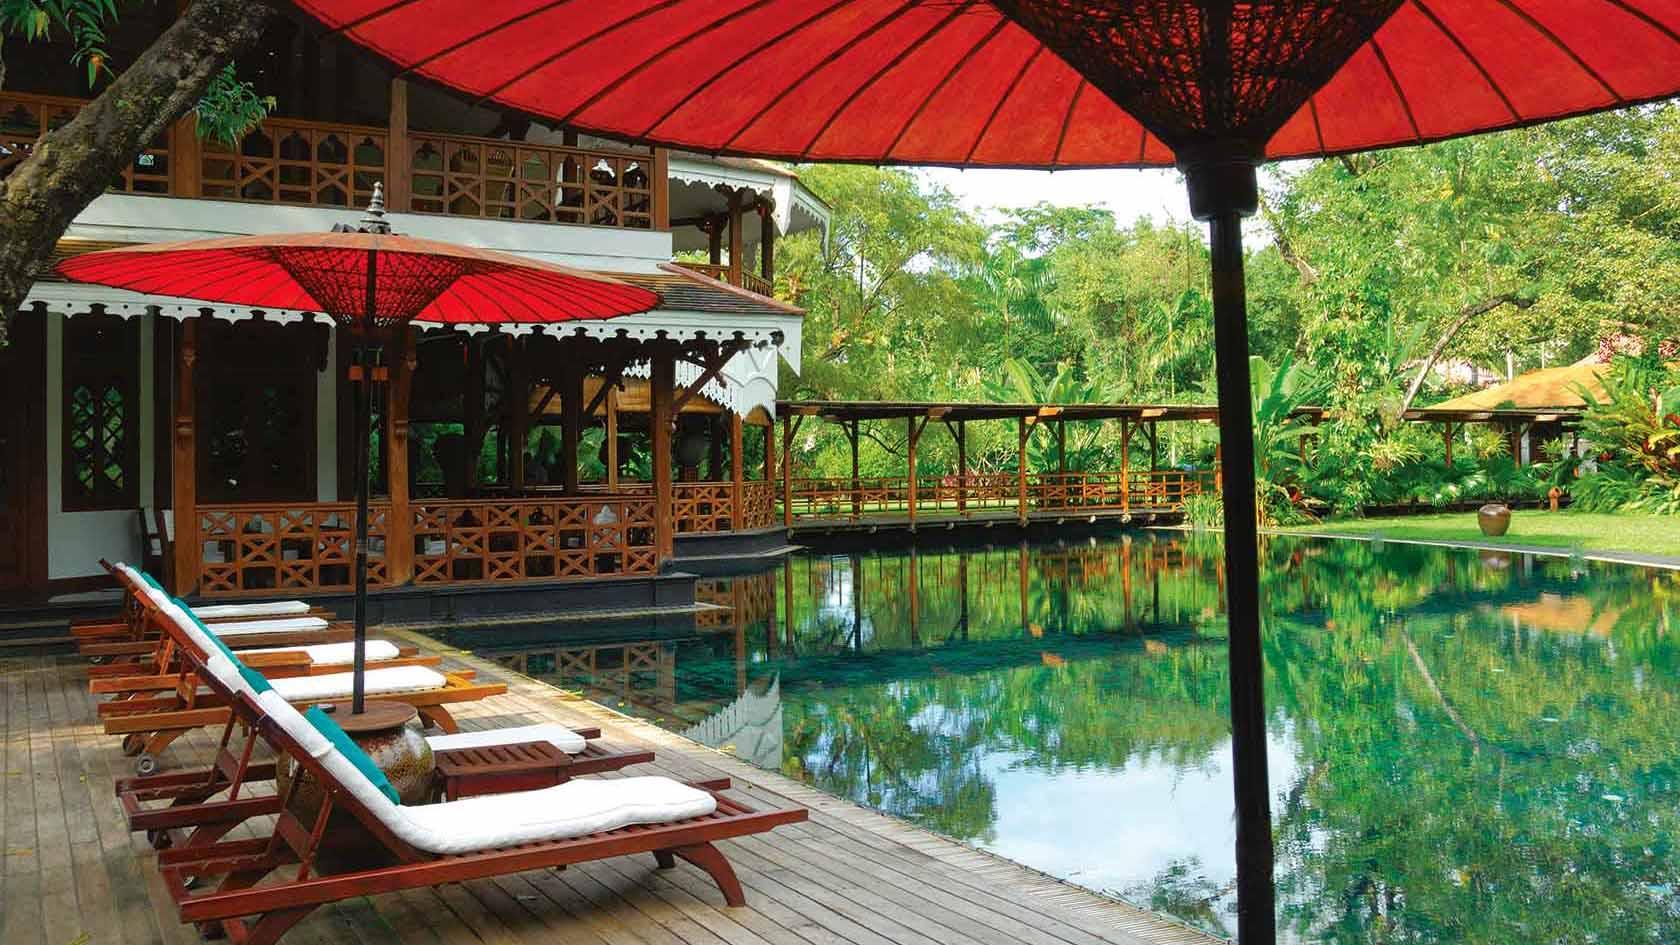 Governor's Residence Pool Yangon